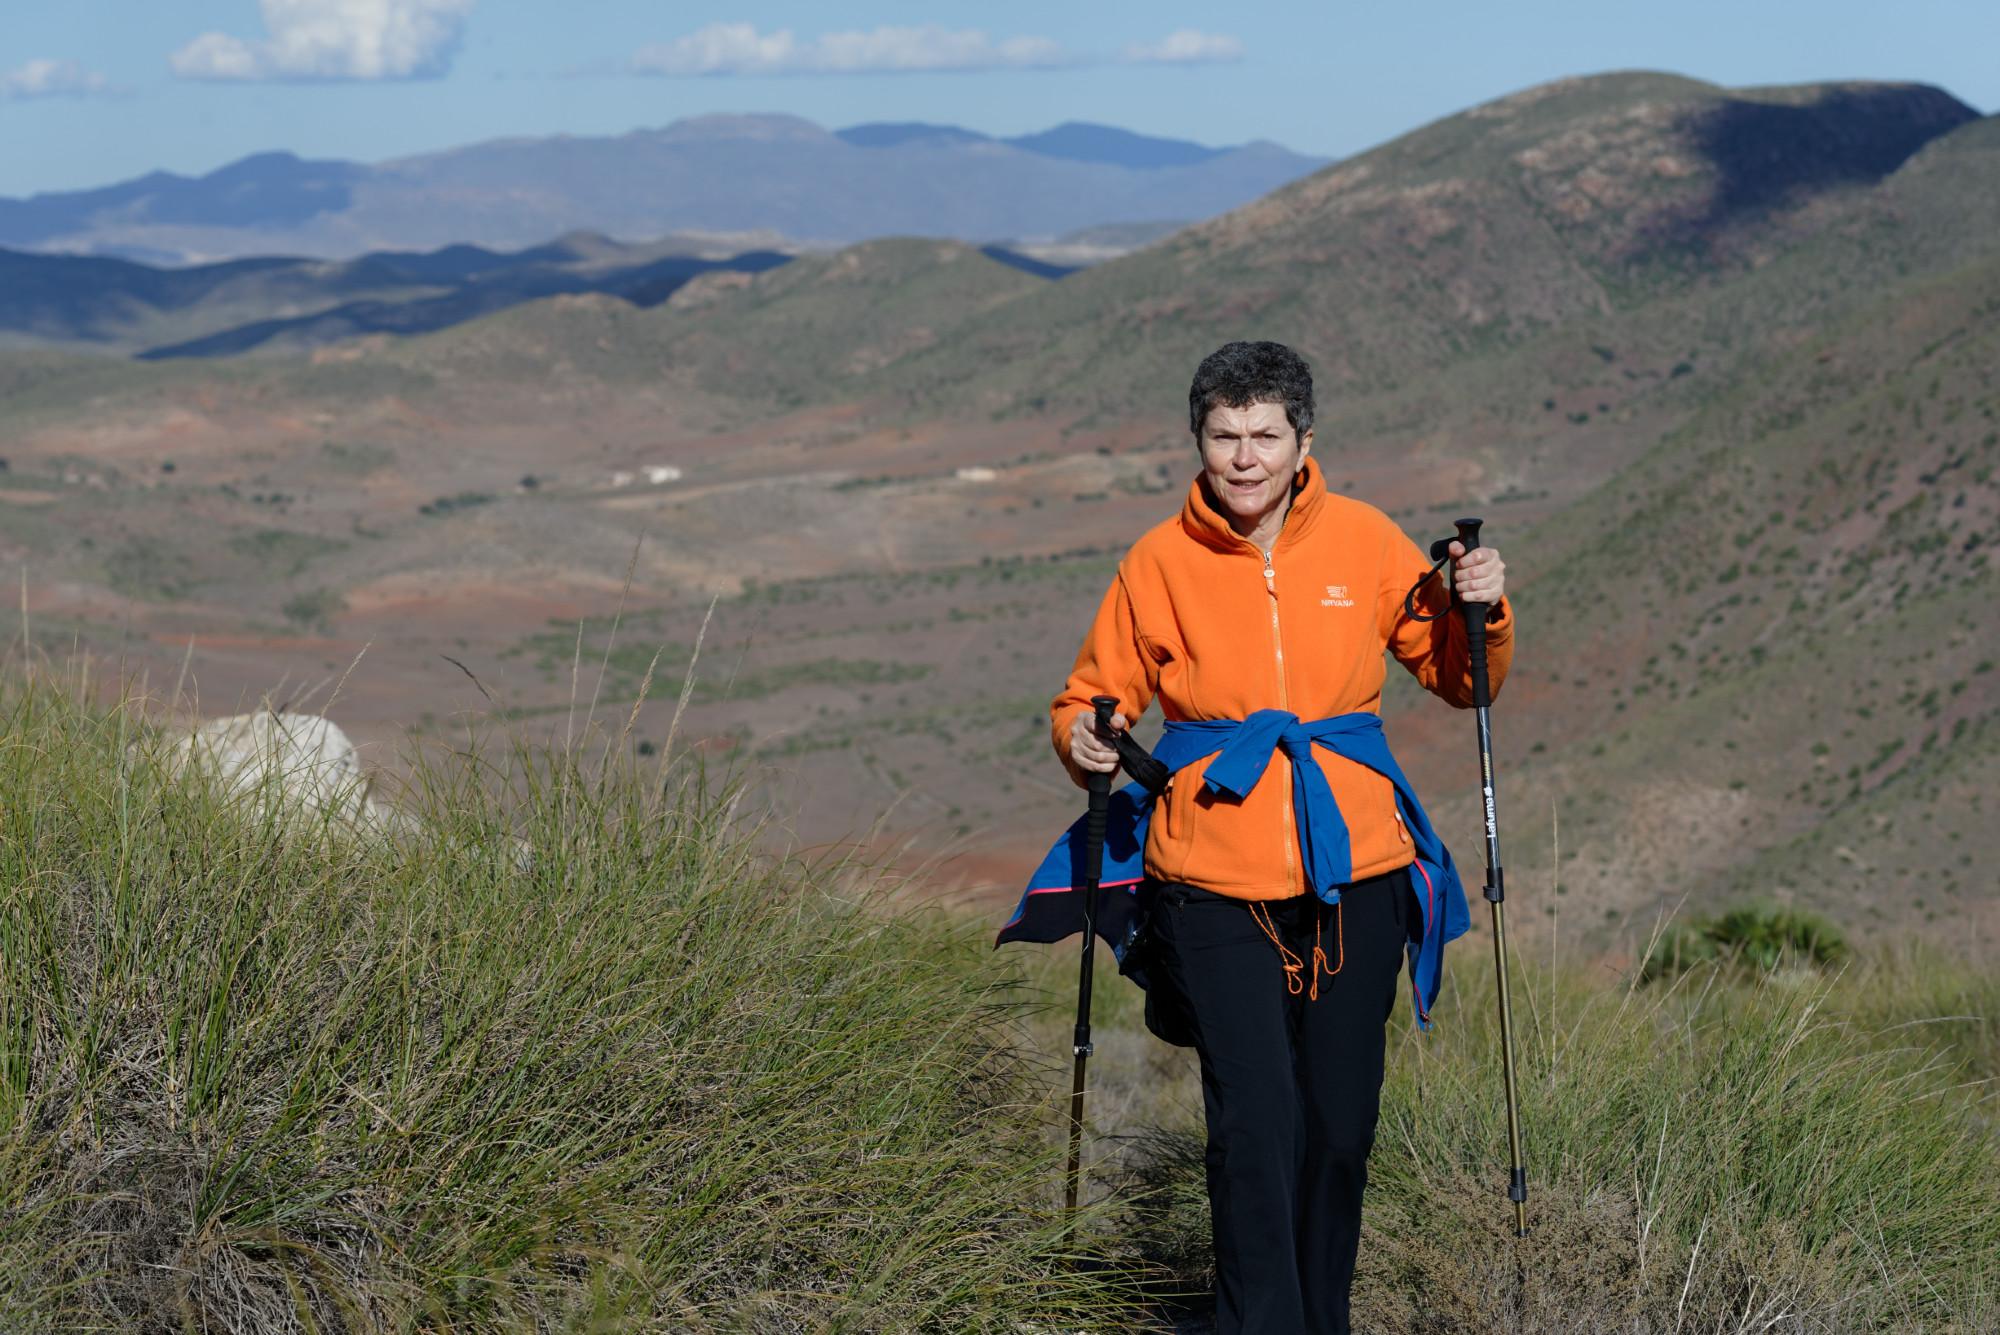 171212-Marche La Boca de los Frailes vers Cerro de Limones (66) (Cabo de Gata-Andalousie)